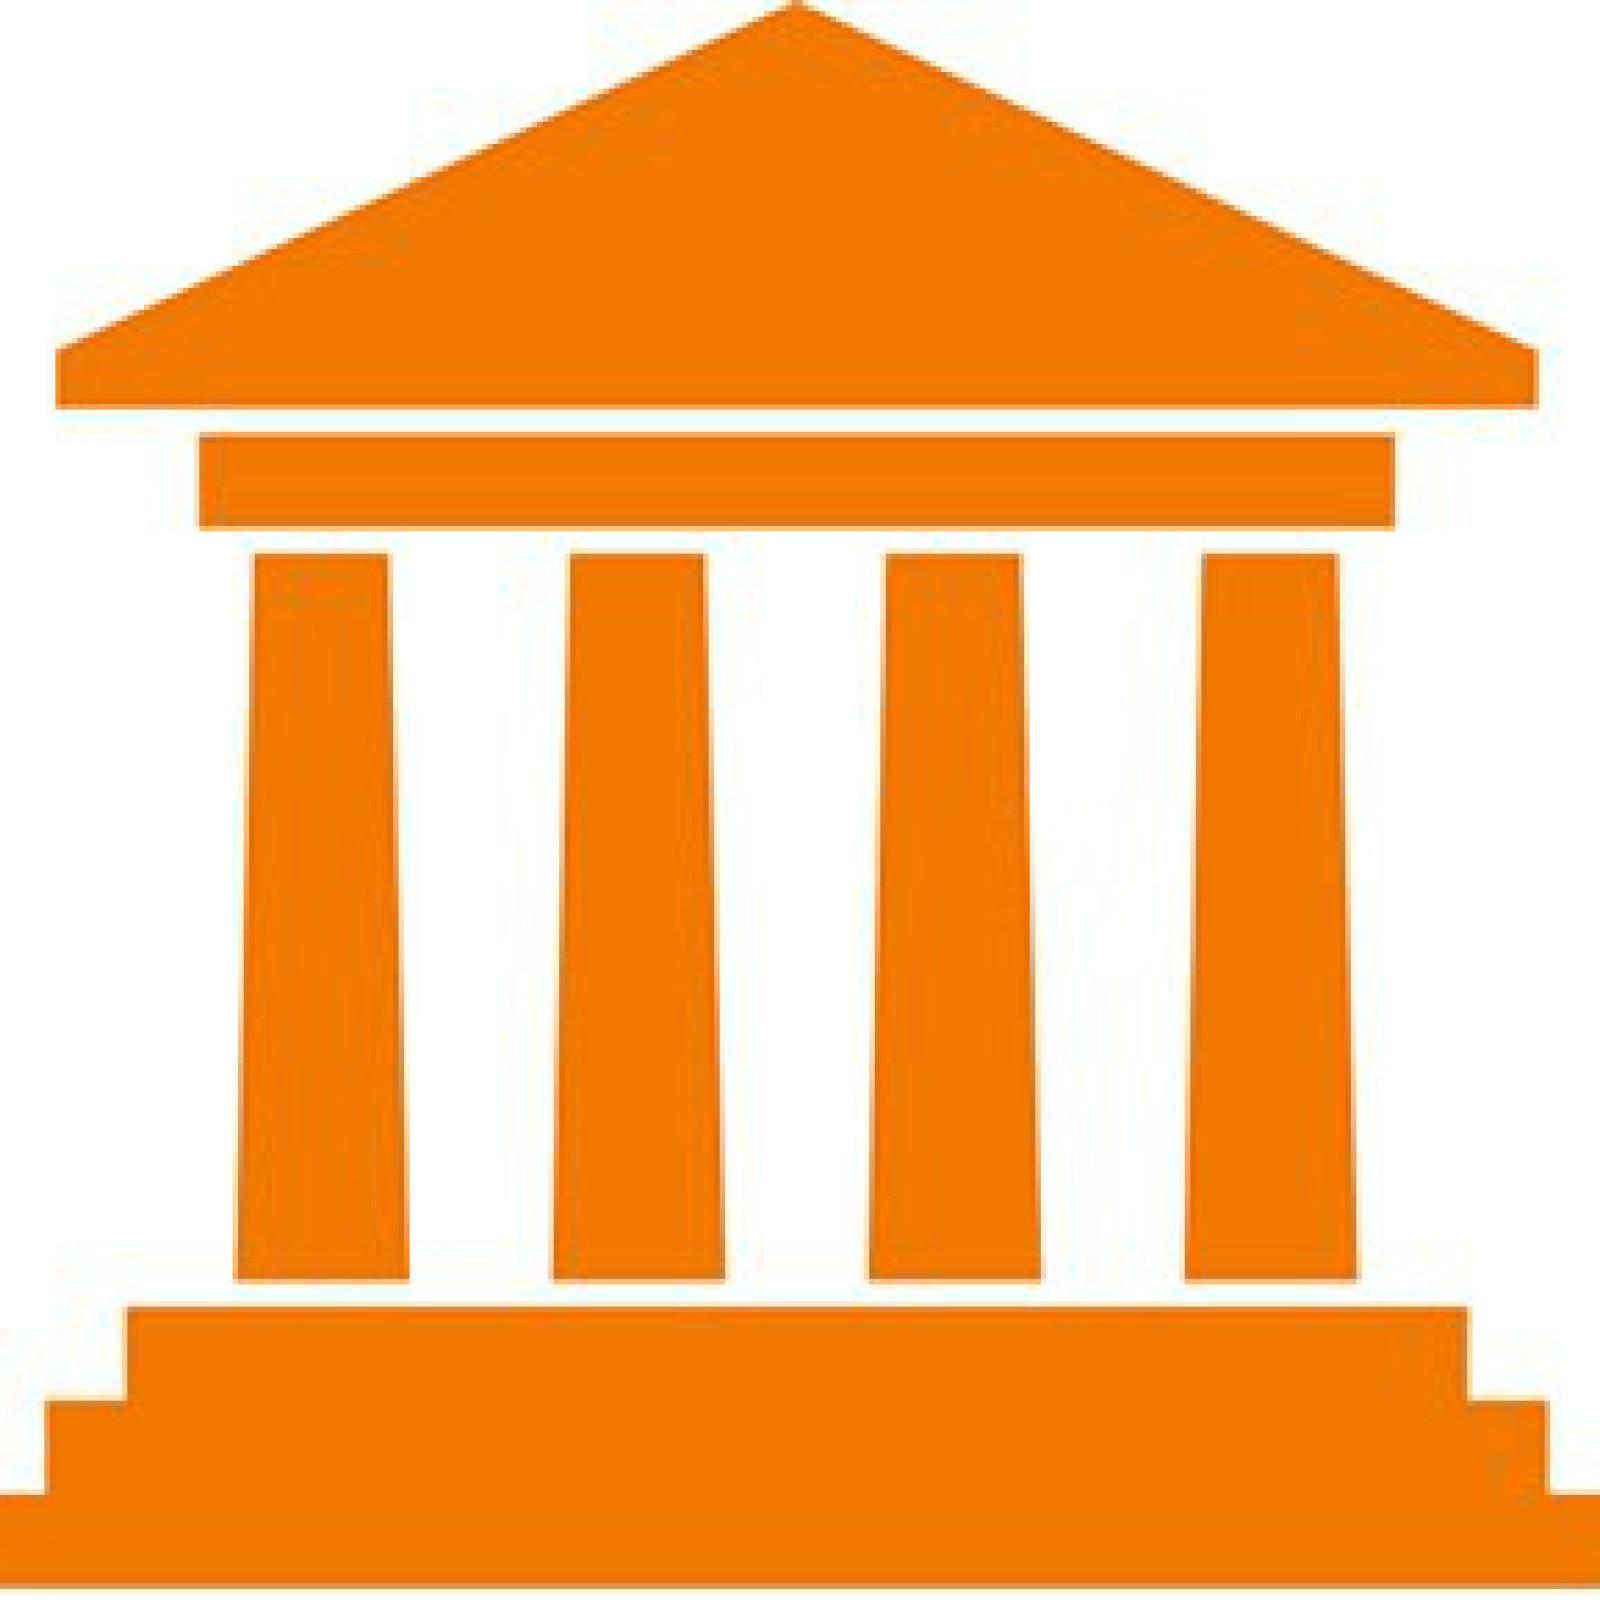 Accertamento dell'obbligo del terzo: l'art. 549 c.p.c. supera l'esame di costituzionalità